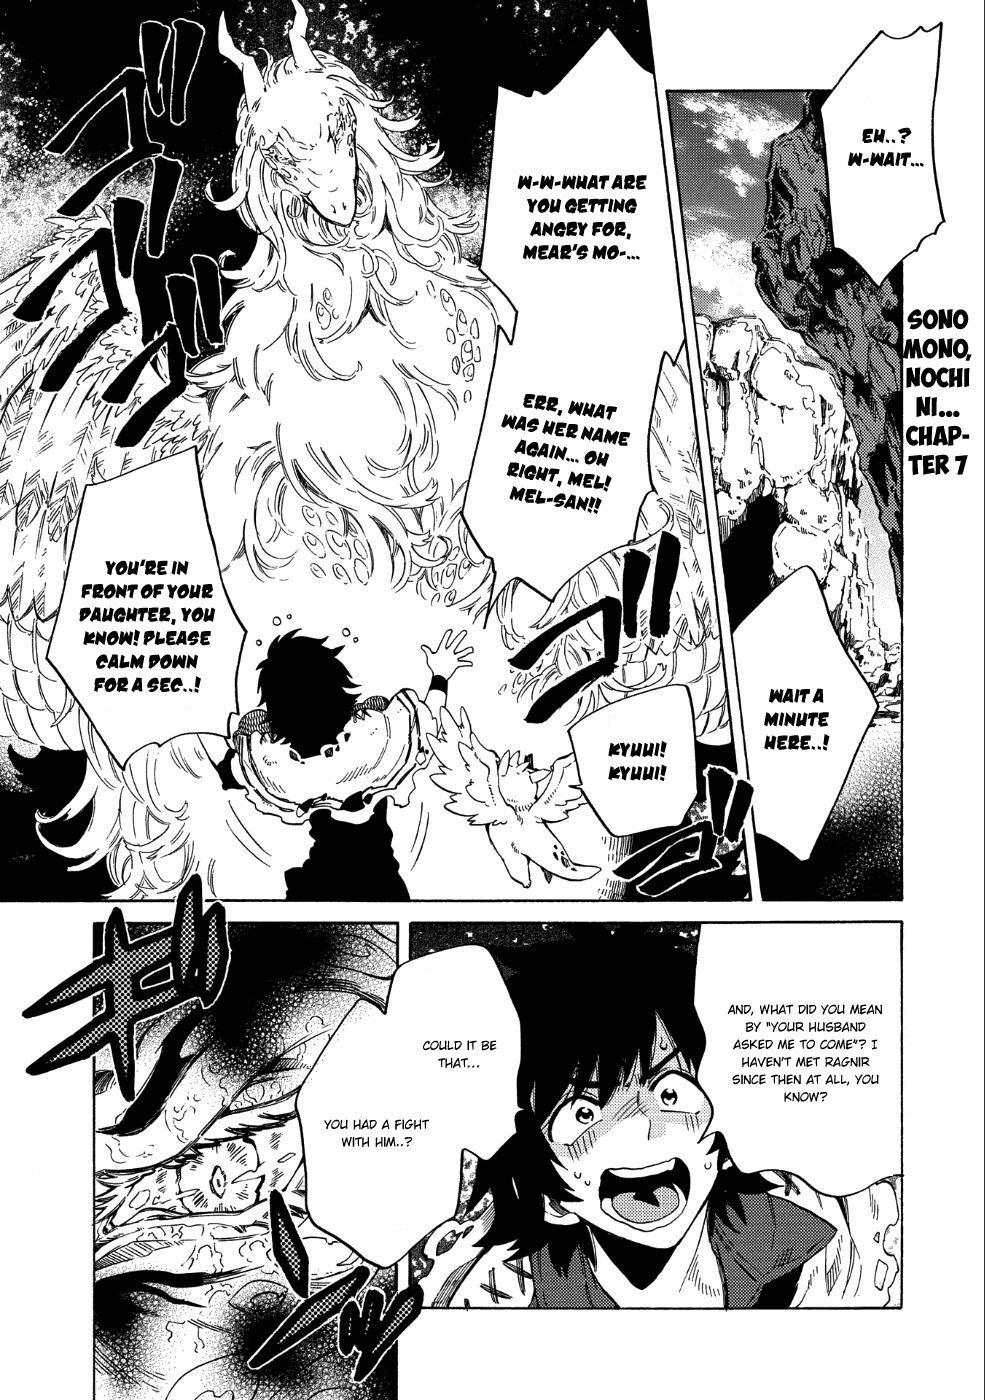 Manga Sono mono. Nochi ni... - Chapter 7 Page 2